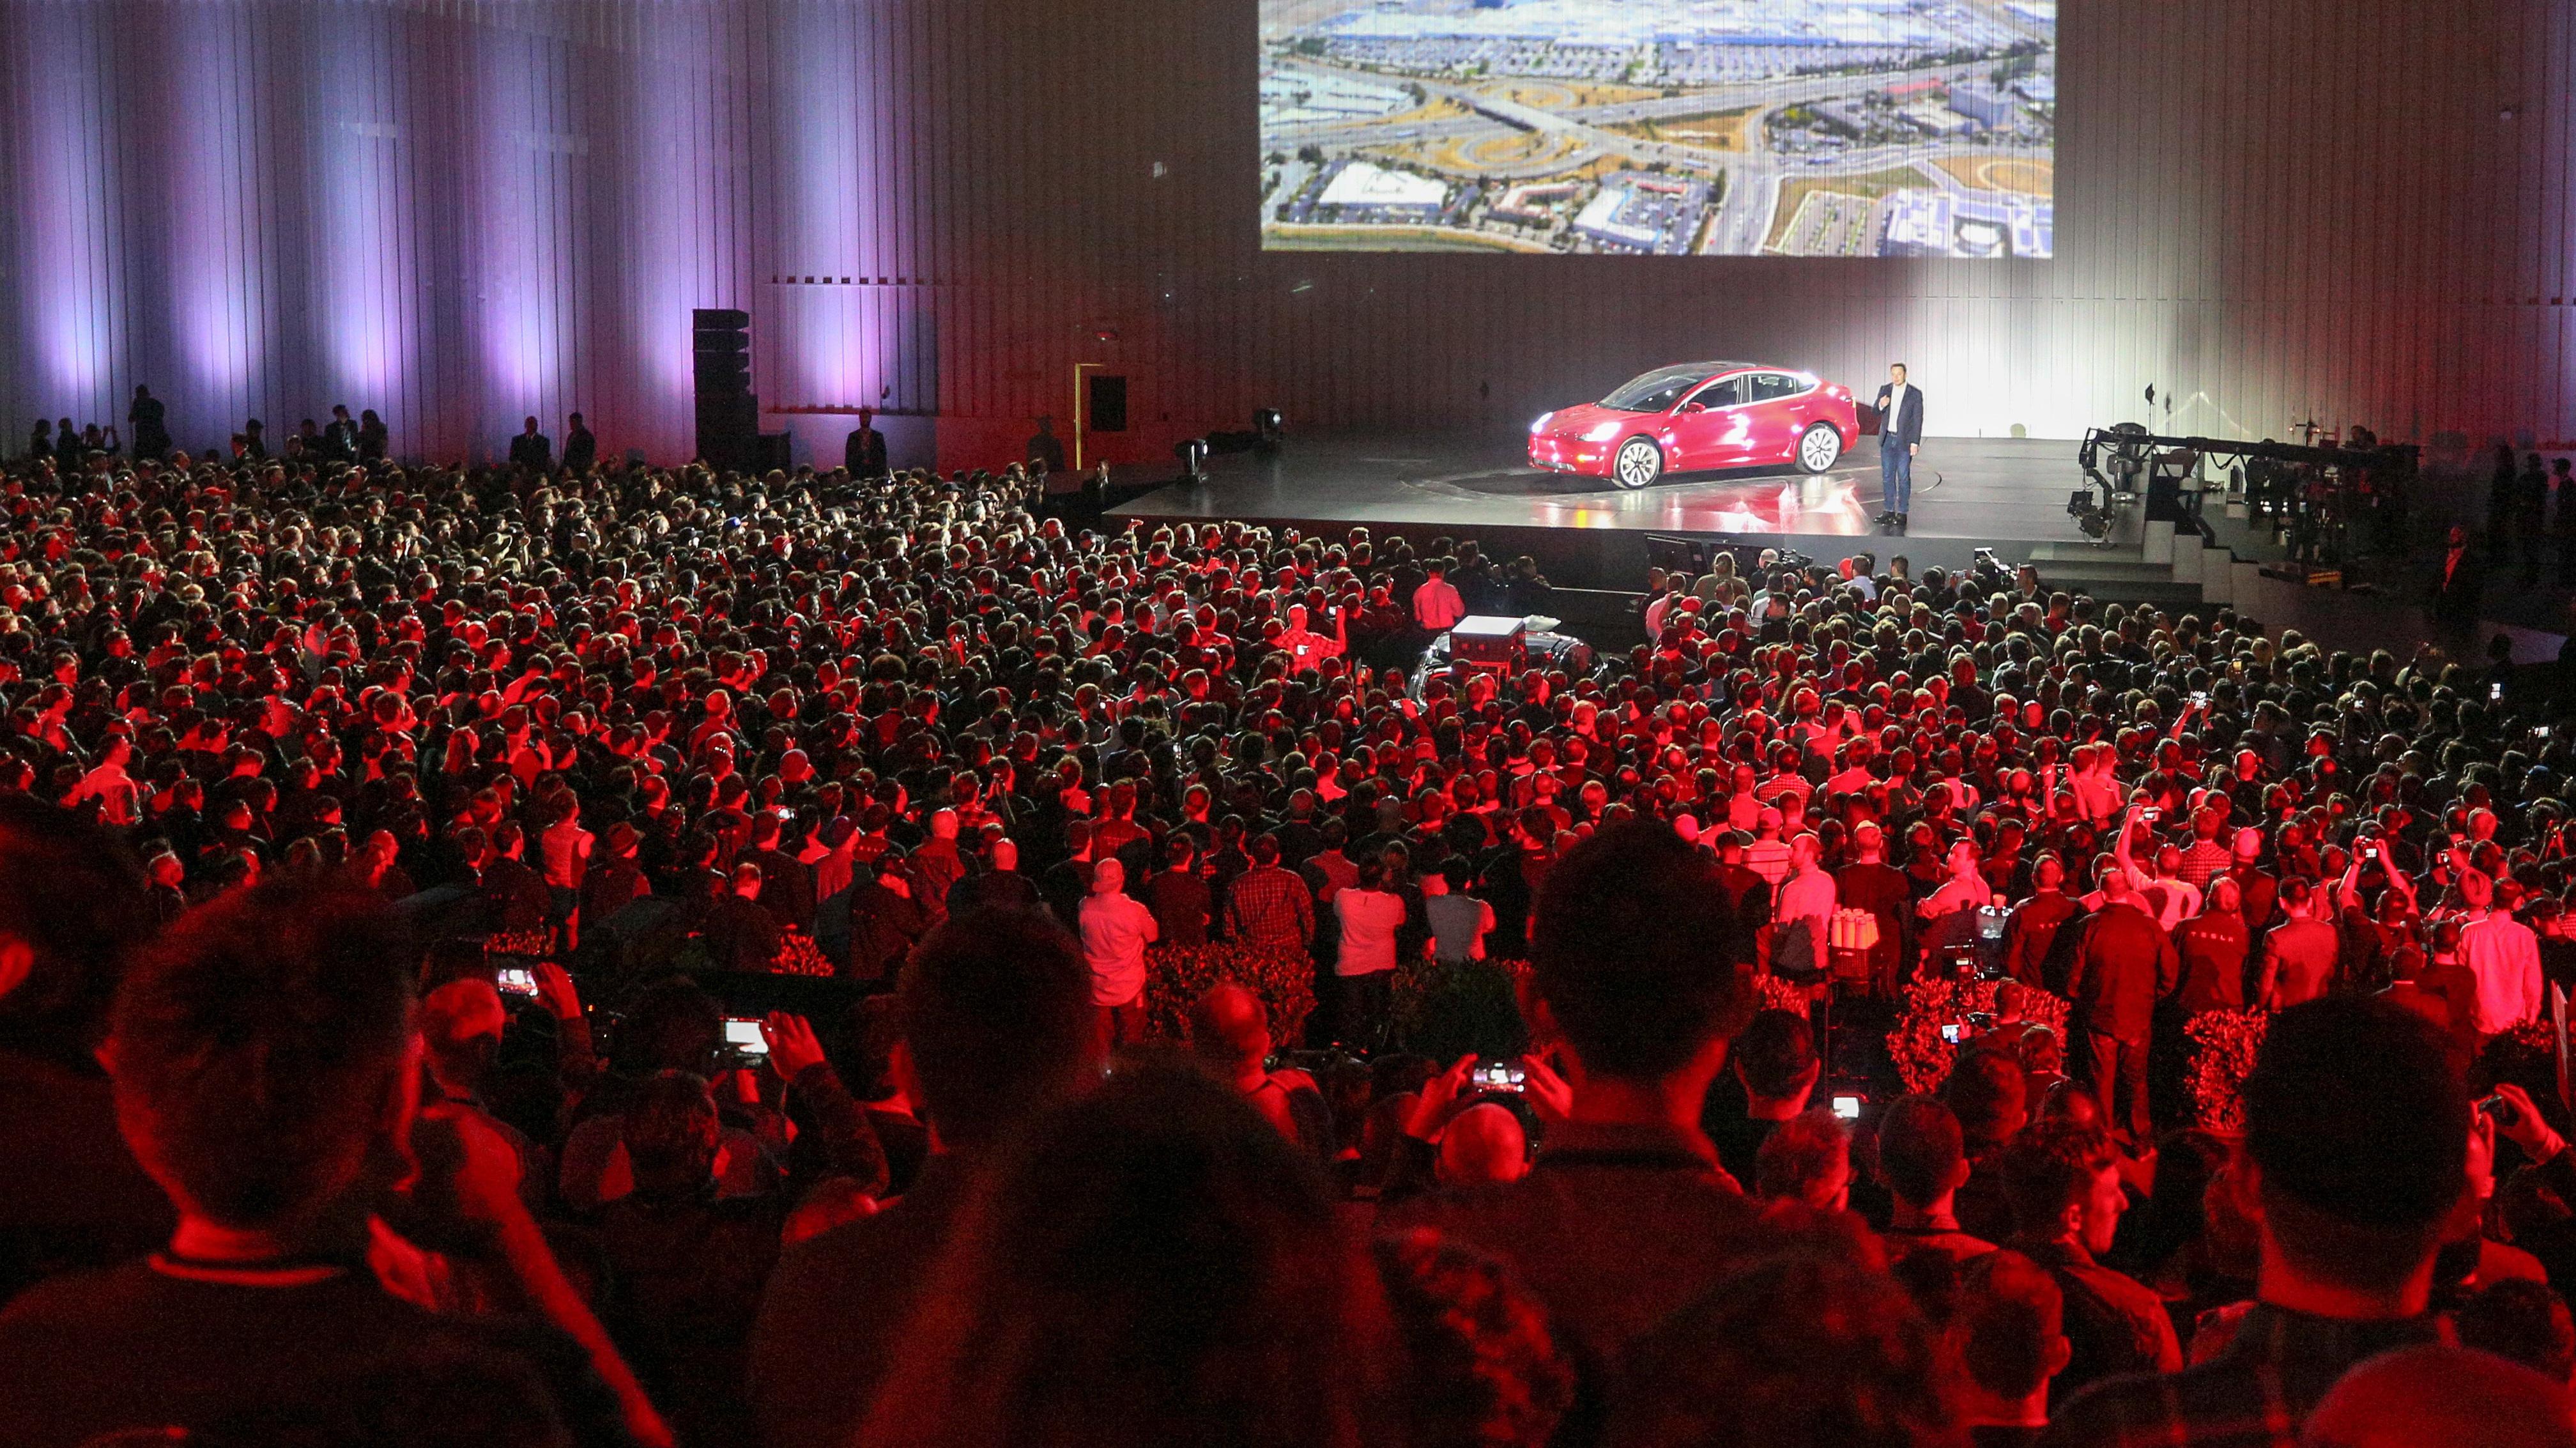 Mit Dem Model 3 Will Tesla Auch Elektroauto Käufer Außerhalb Der  Luxus Nische Ansprechen. Nachdem Die Serienproduktion Vor Rund Einem Monat  Anlief, ...